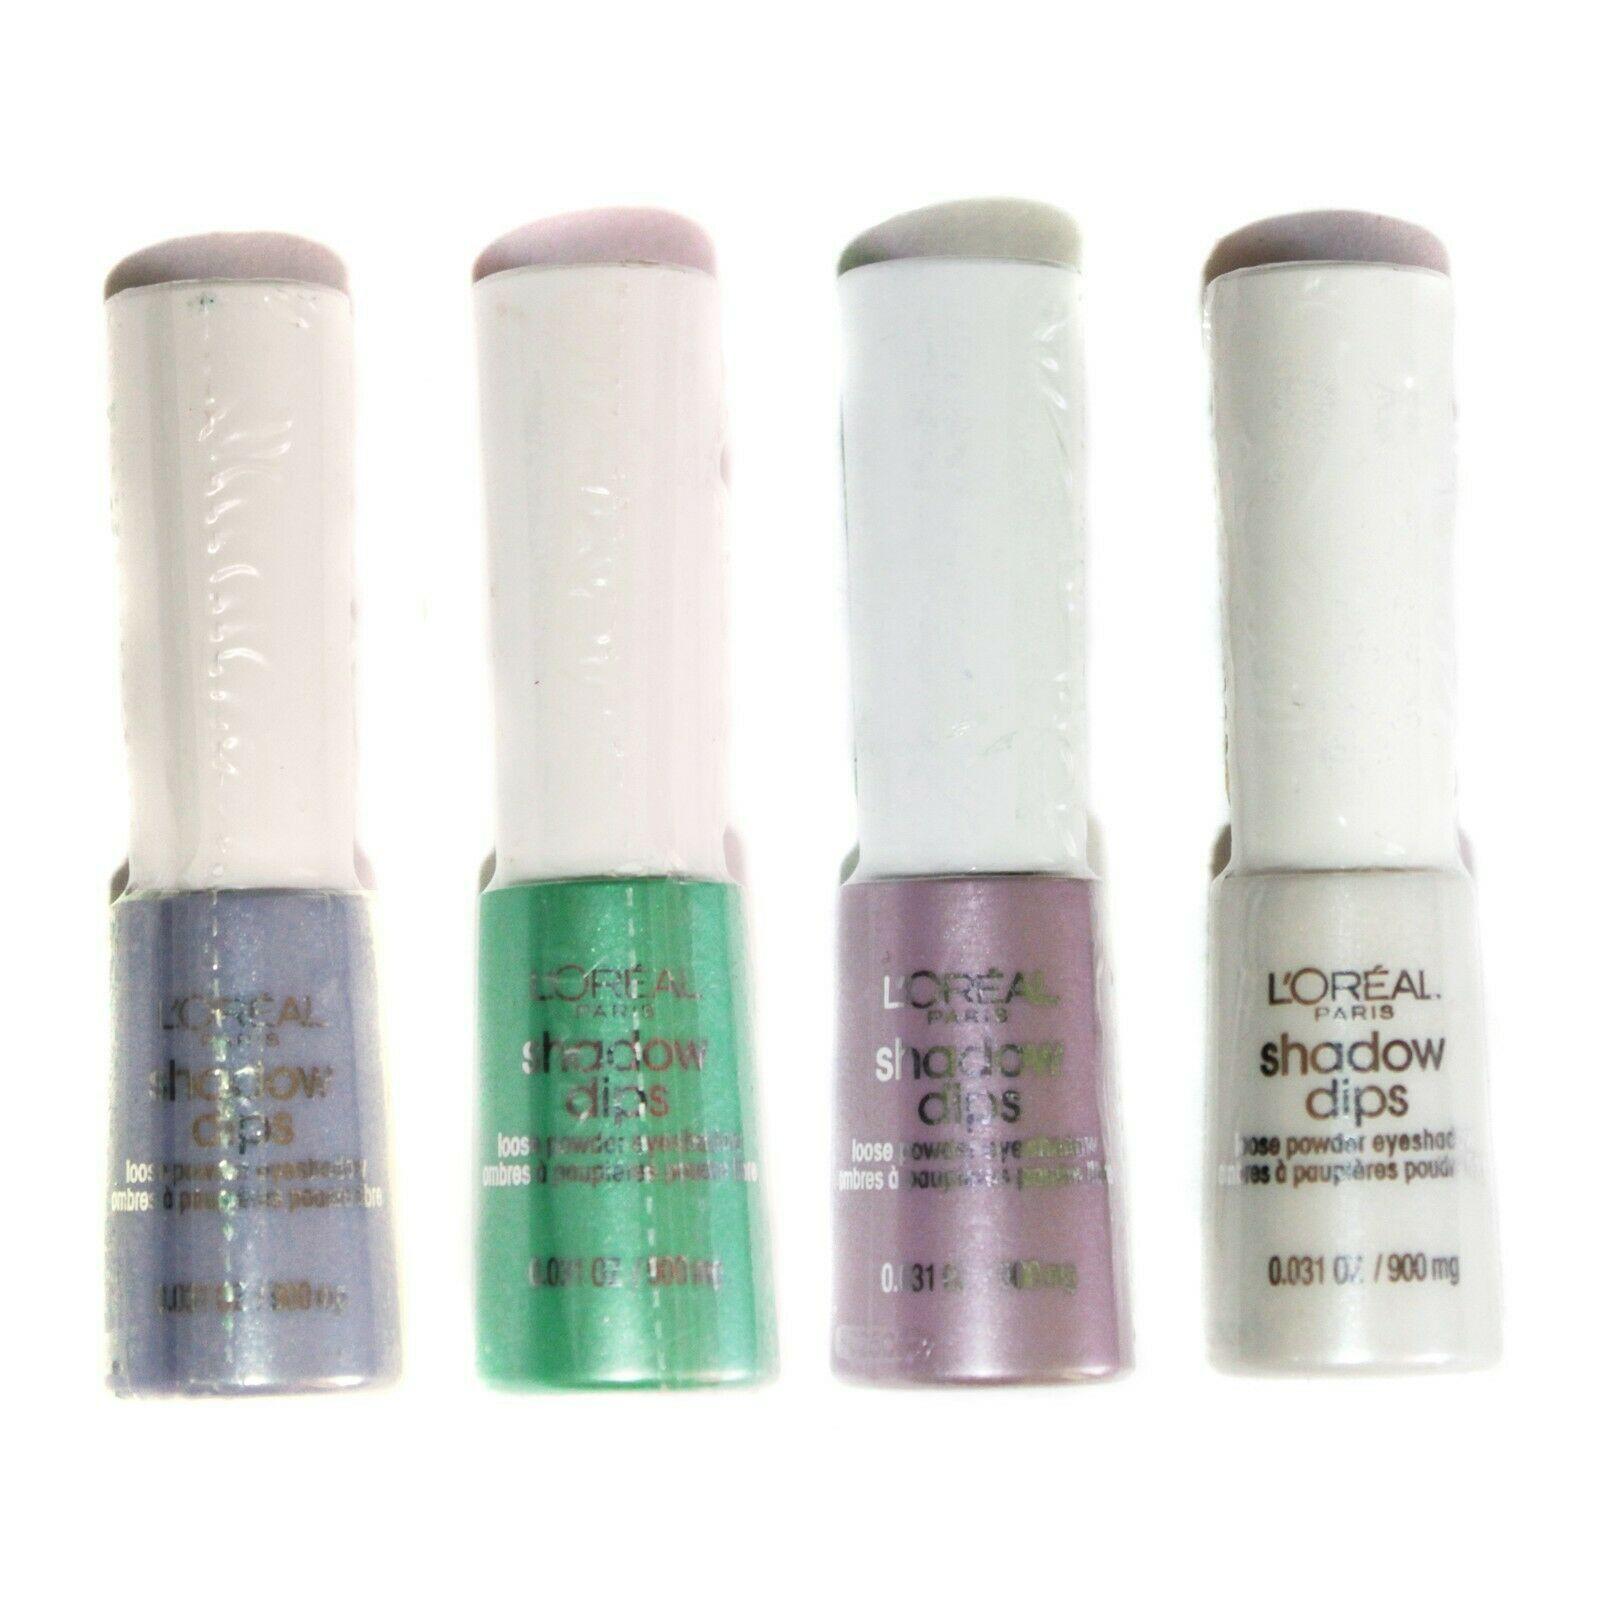 L'OREAL* (1) Bottle SHADOW DIPS Loose Powder EYESHADOW Eye Makeup *YOU CHOOSE*